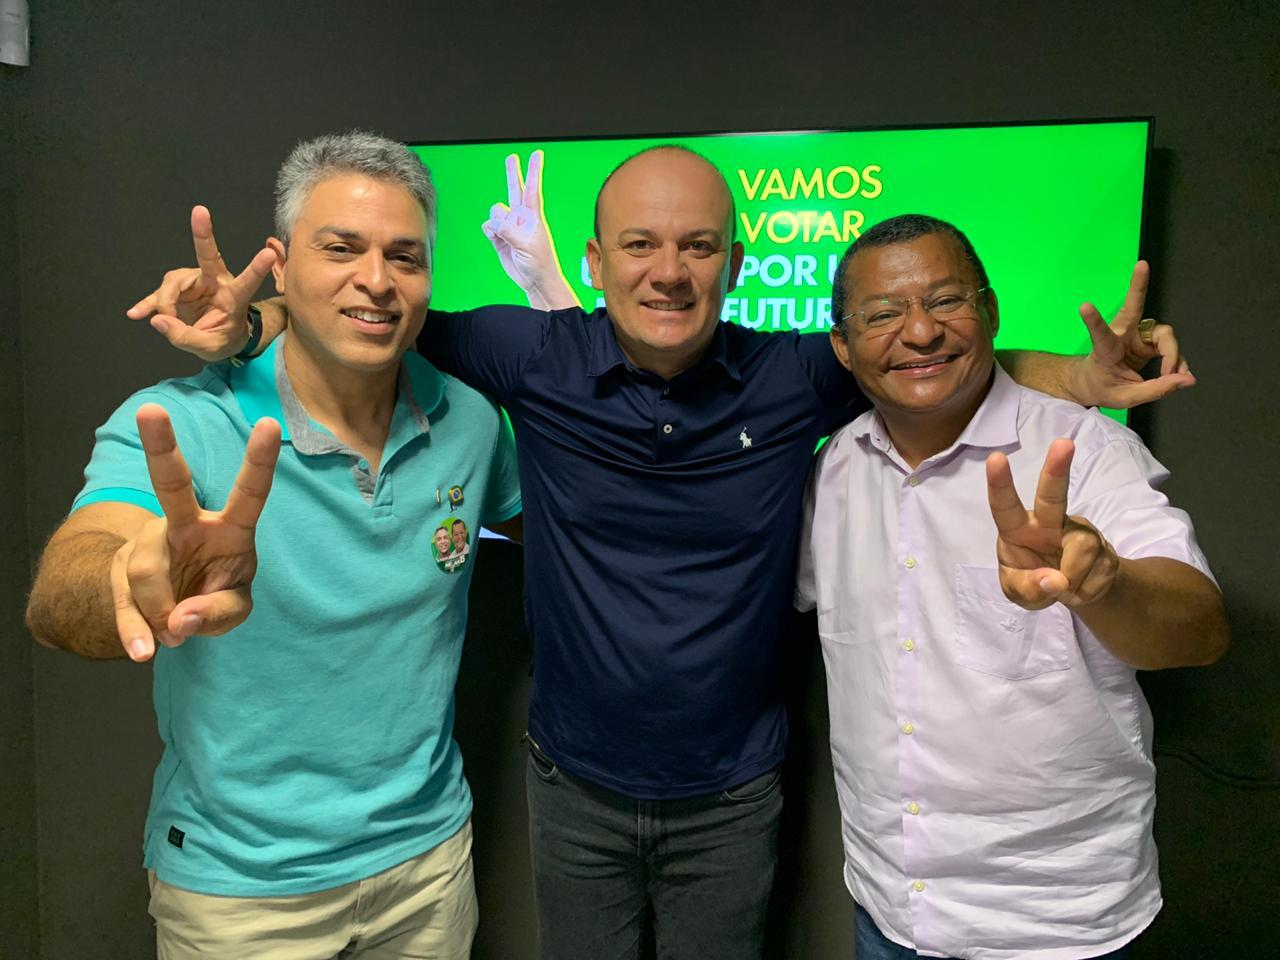 WhatsApp Image 2020 11 18 at 12.54.26 - Em coletiva, Nilvan anunciará mais um apoio para campanha no 2º turno - VEJA VÍDEO